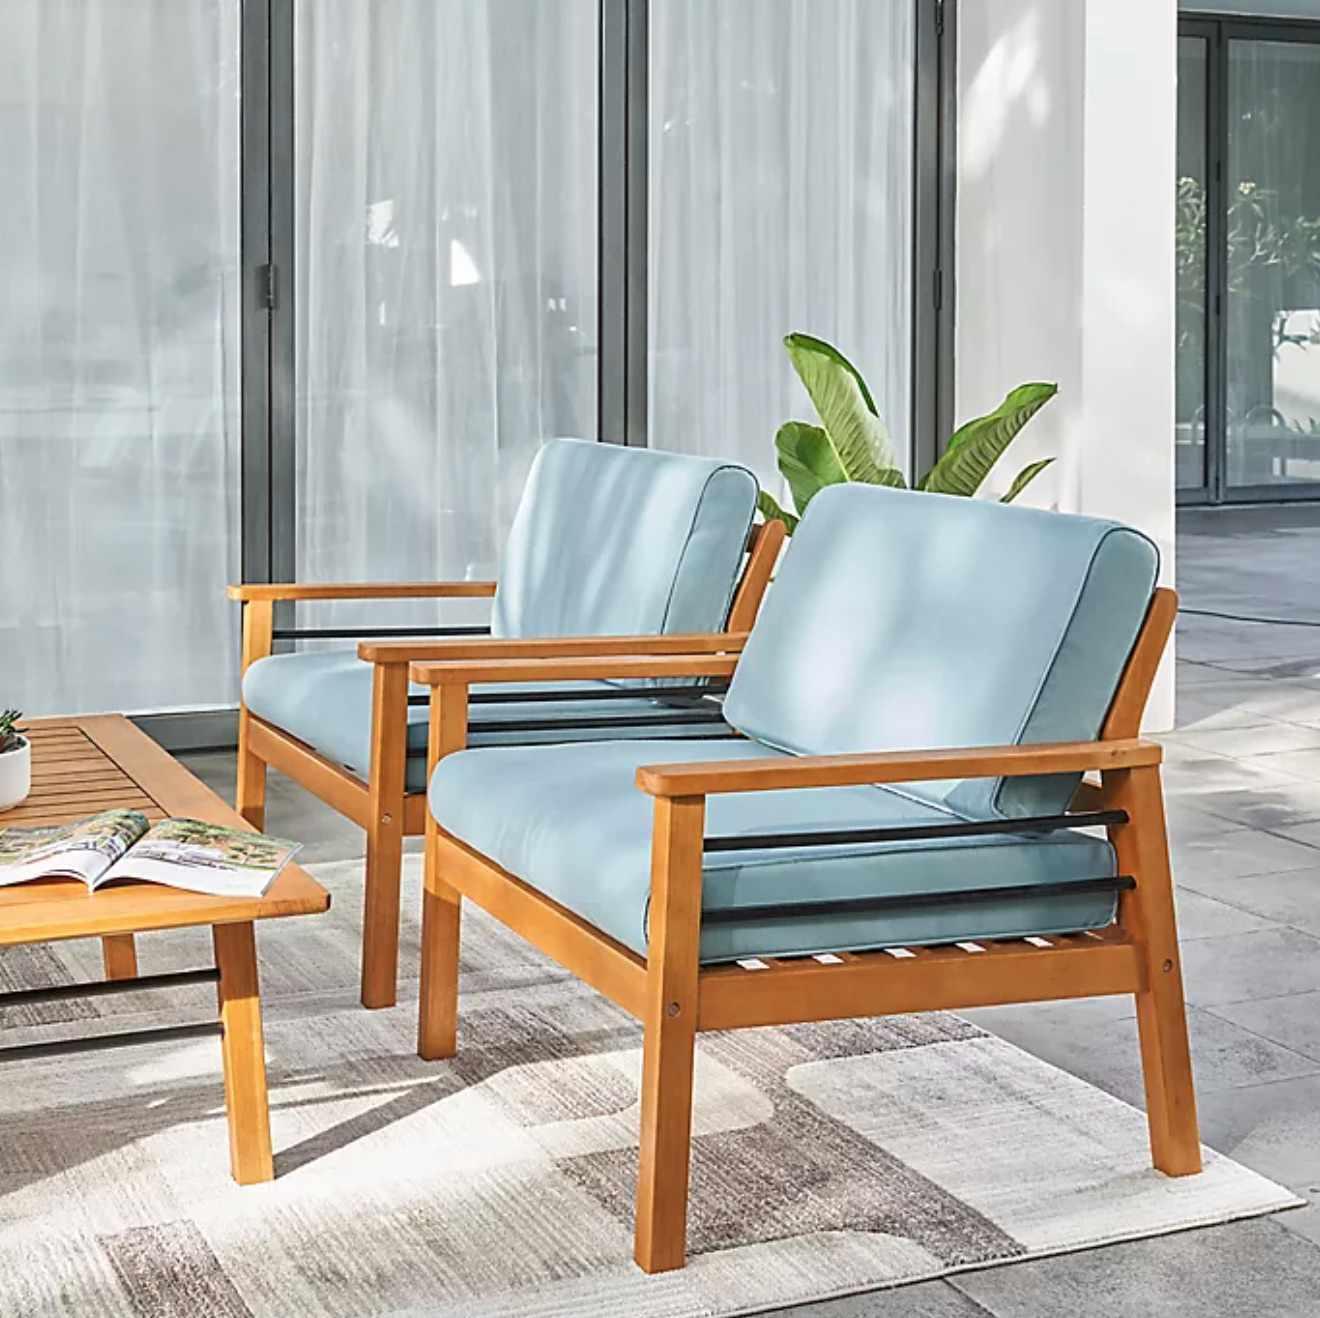 Vifah Gloucester Eucalyptus Patio Sofa Club Chair